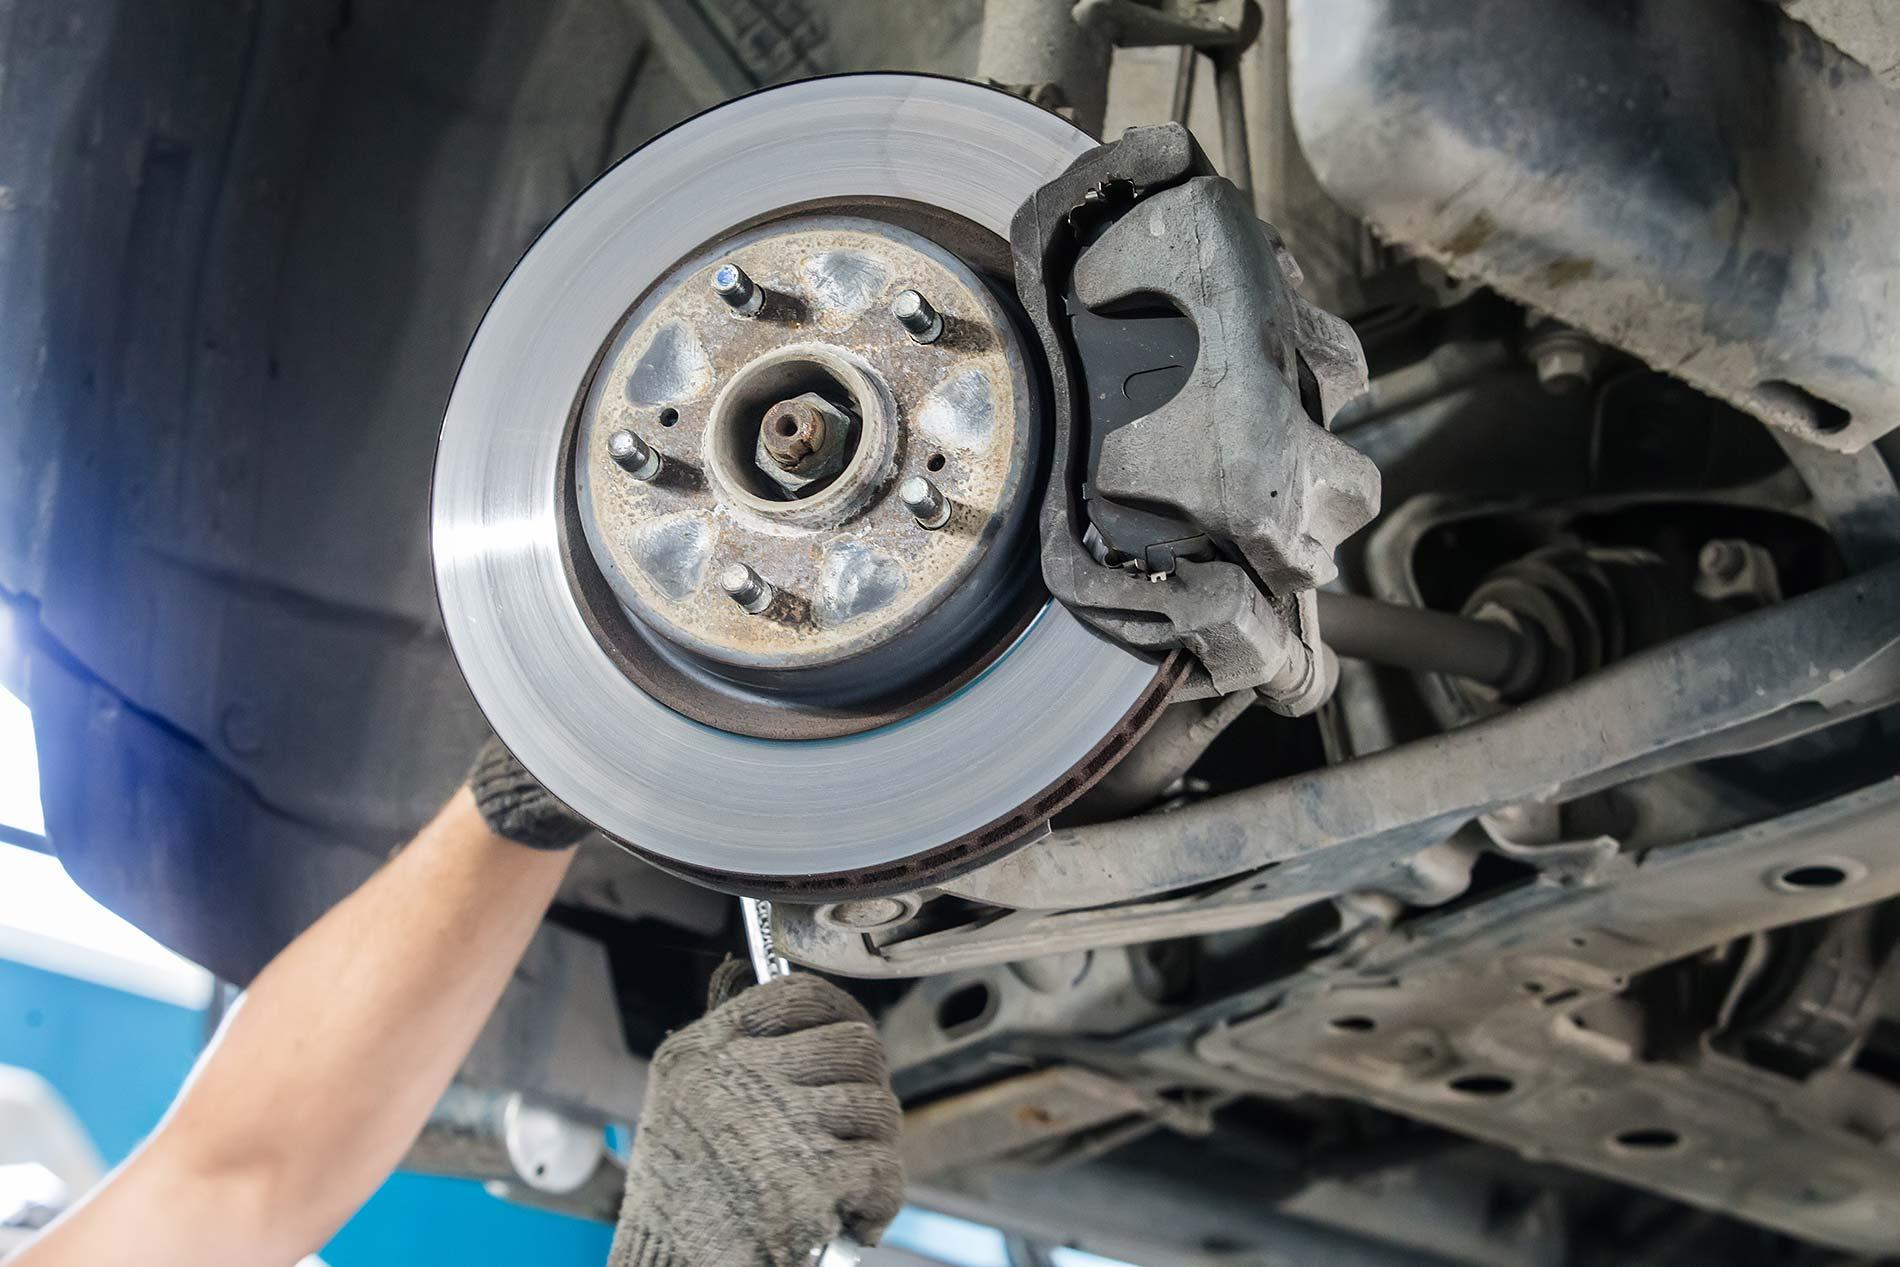 Technician adjusting disc brake on car